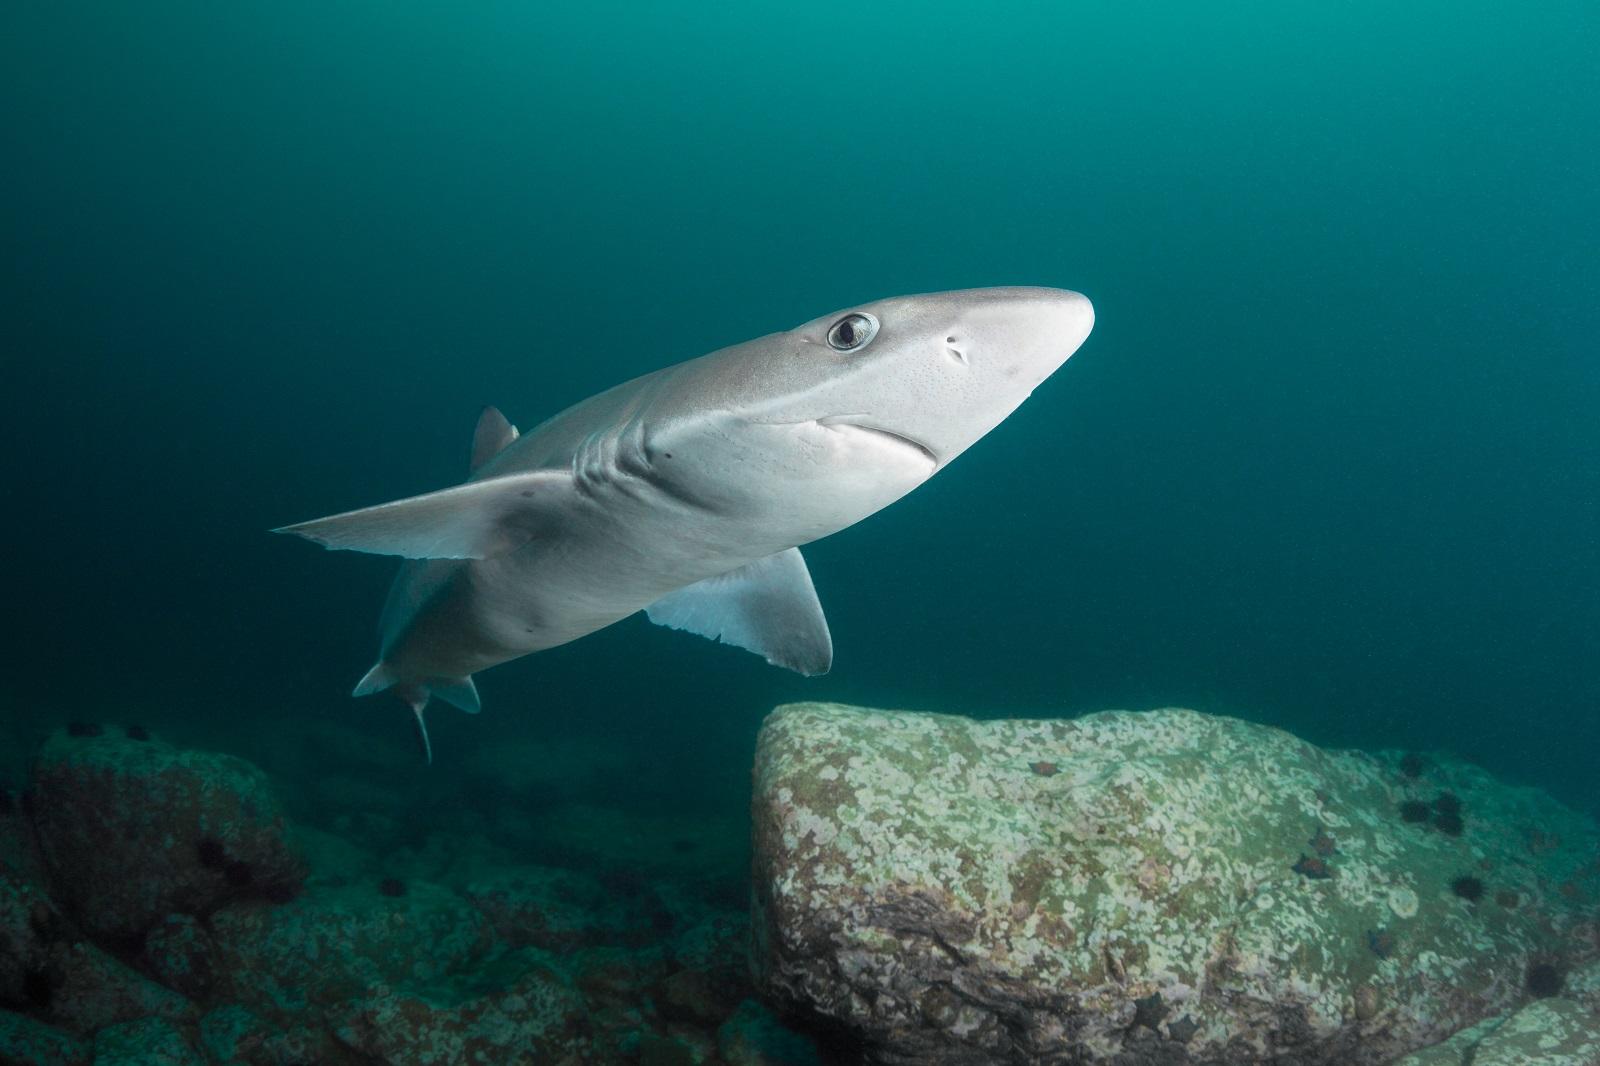 Колючие акулы. Катран - черноморская акула, опасная для человека